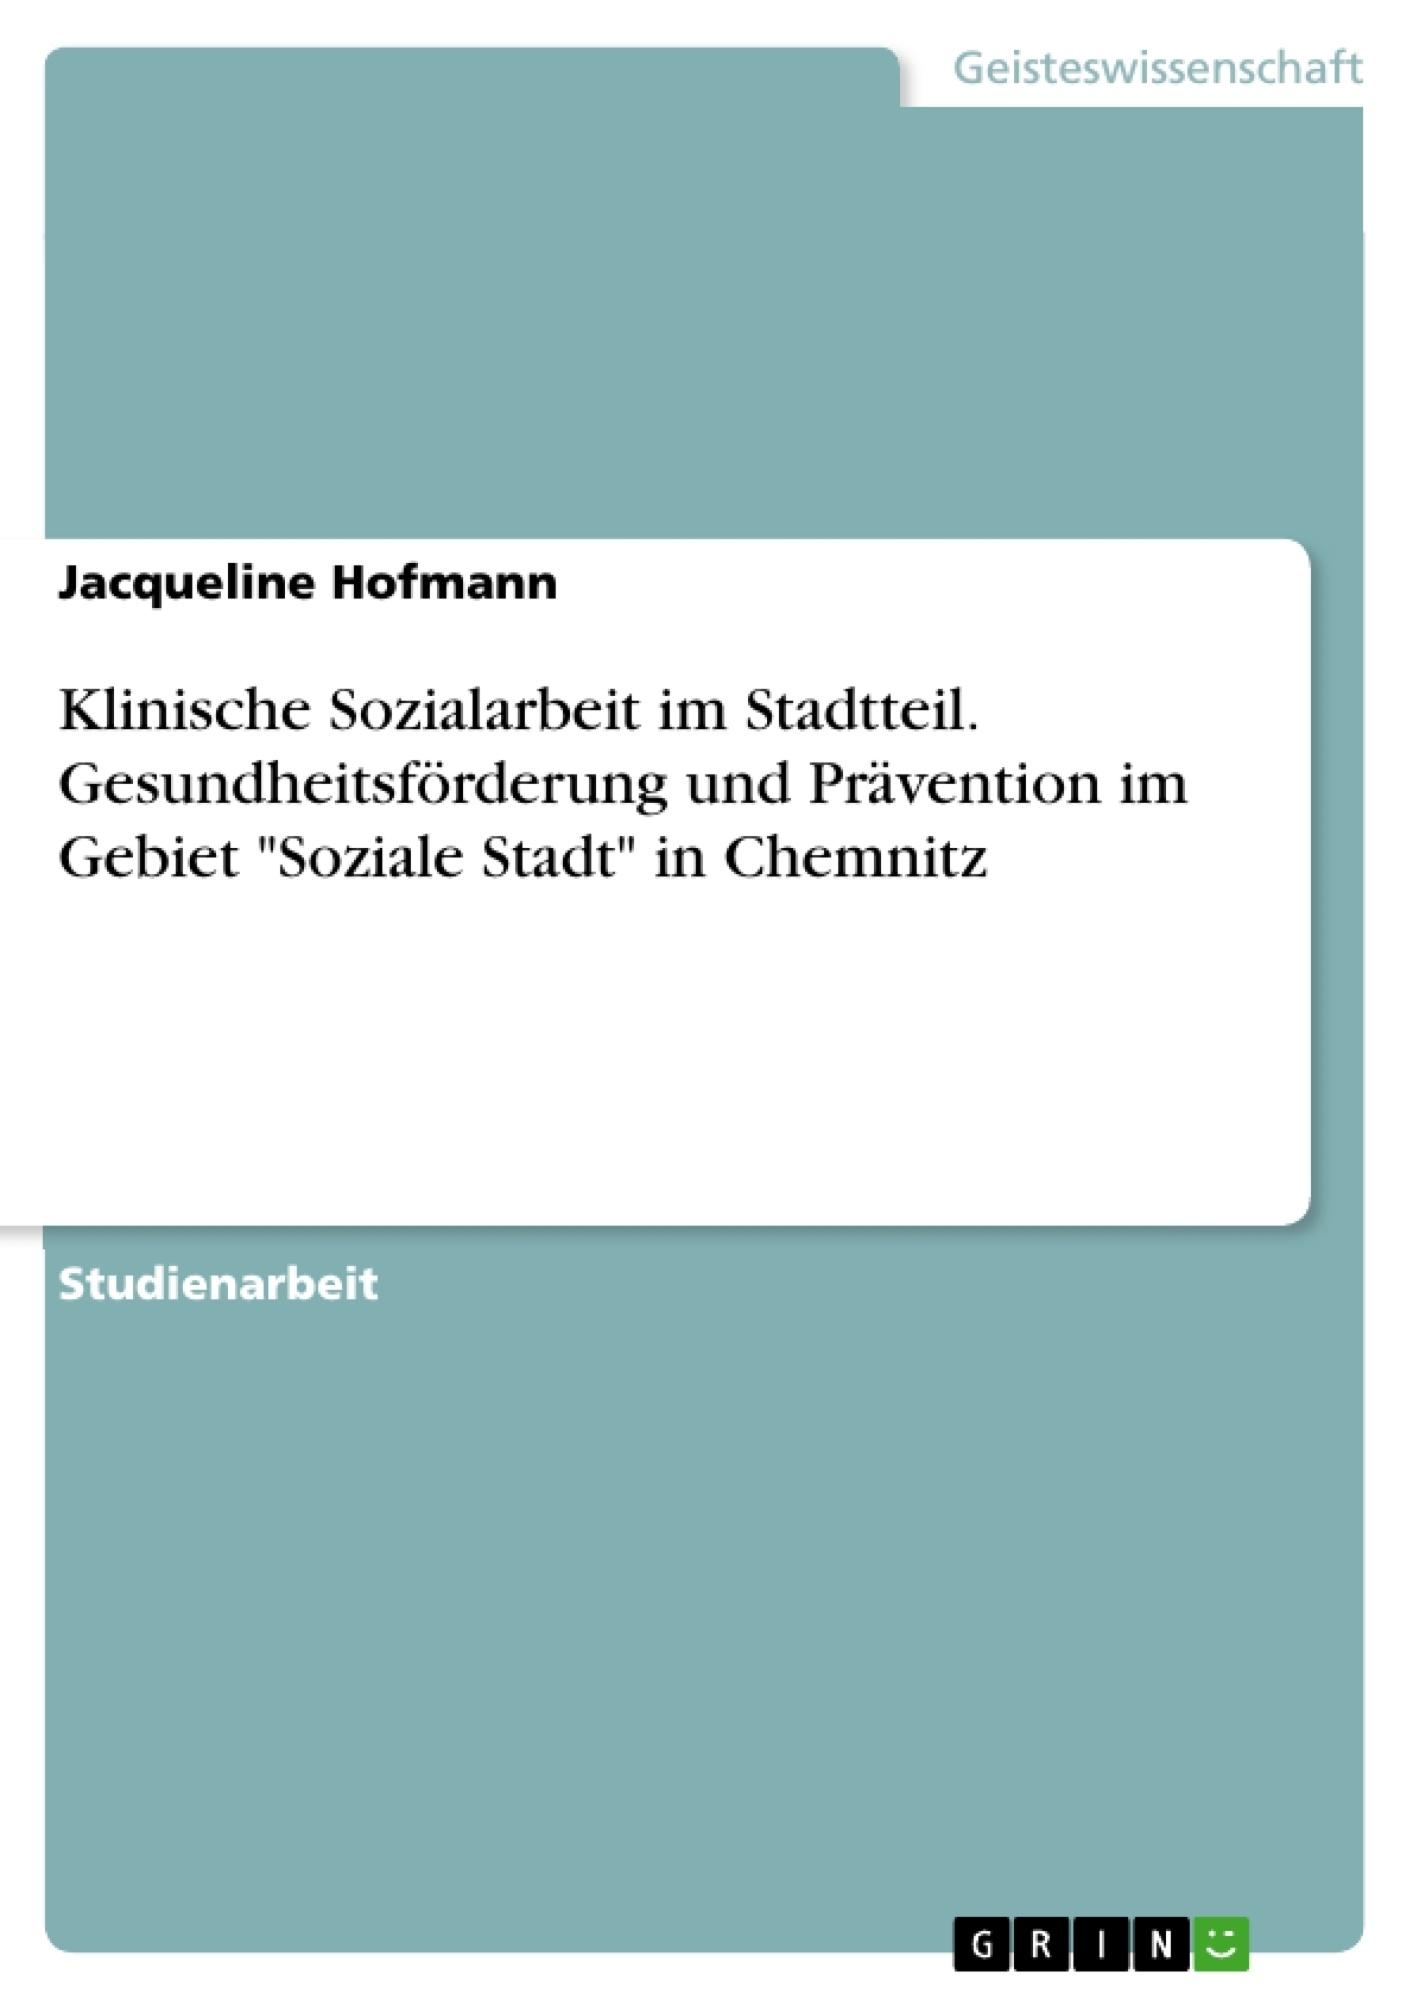 """Titel: Klinische Sozialarbeit im Stadtteil. Gesundheitsförderung und Prävention im Gebiet """"Soziale Stadt"""" in Chemnitz"""